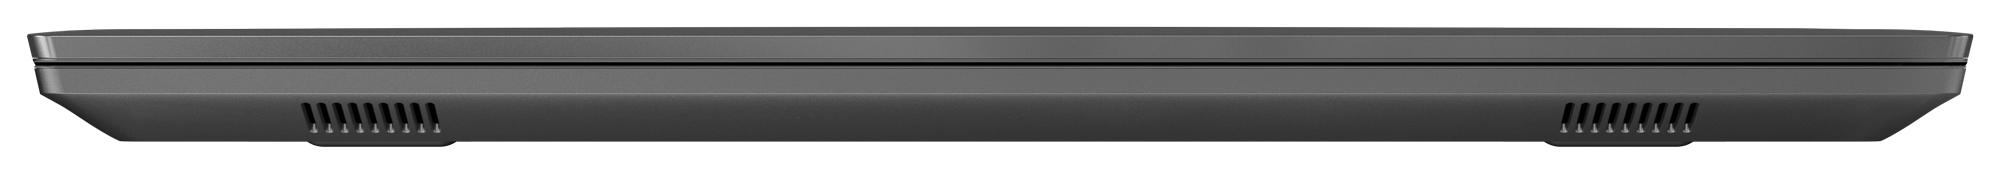 Фото  Ноутбук Lenovo V330-15 Grey (81AX00ARRA)